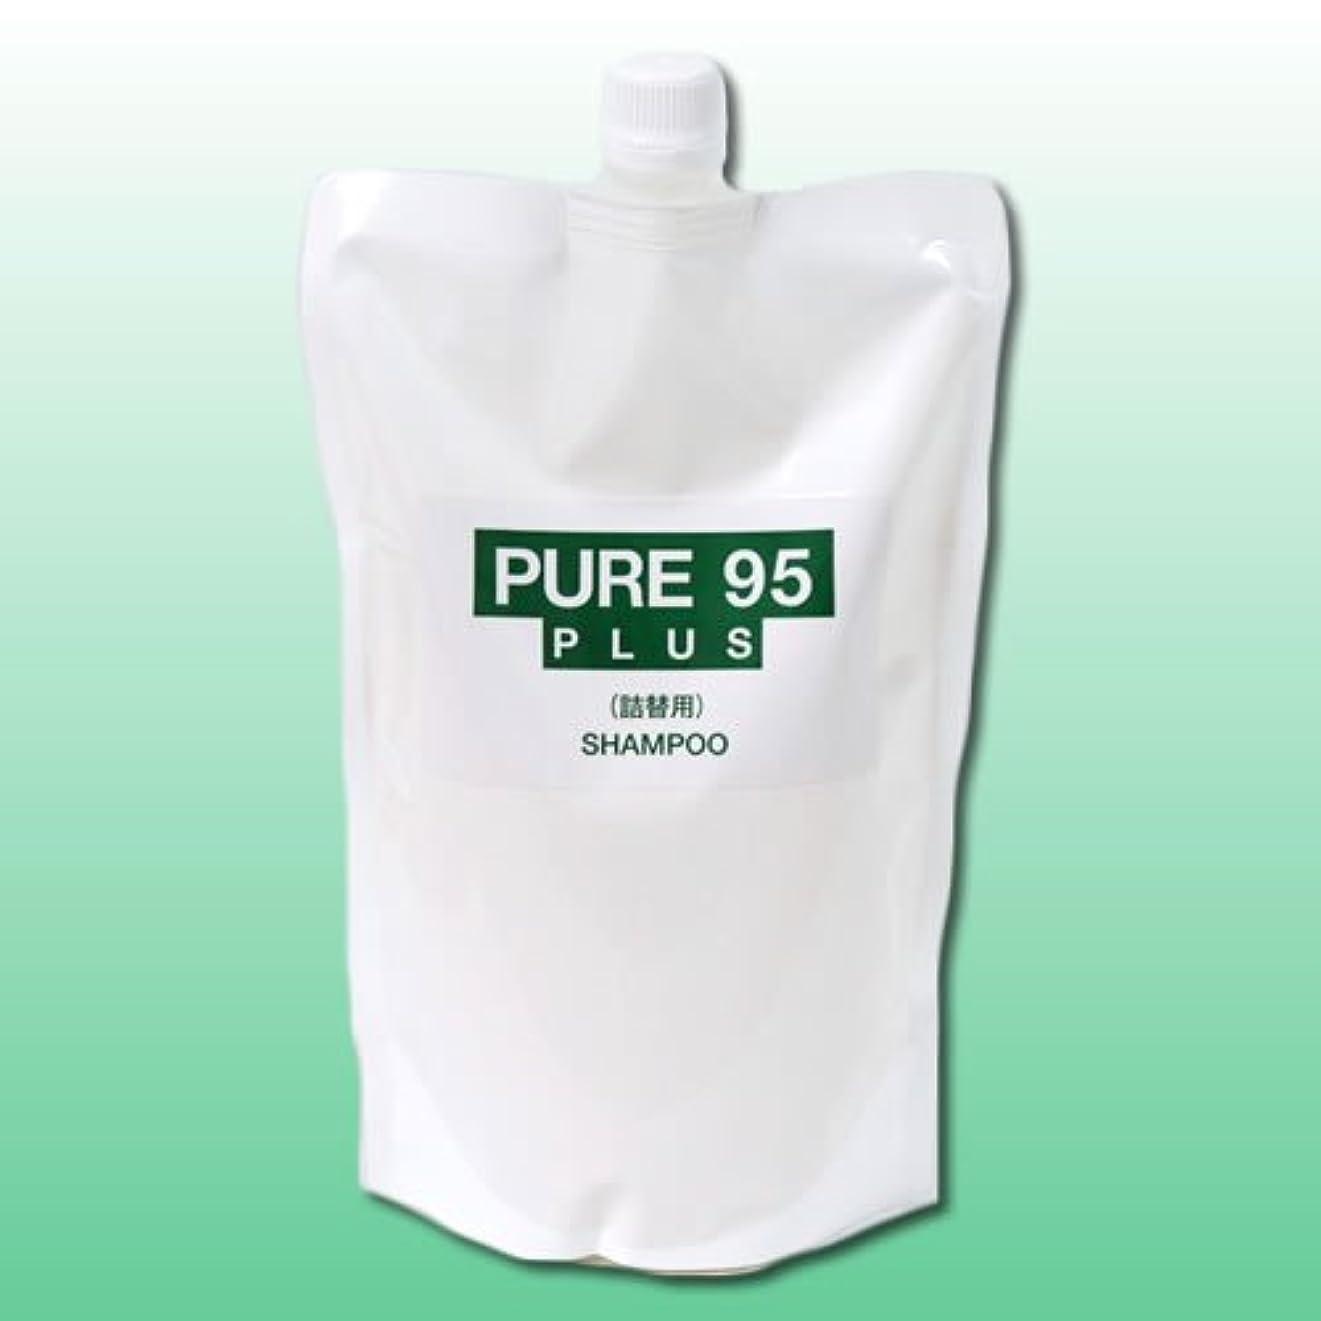 葉っぱゴルフレイアパーミングジャパン PURE95(ピュア95) プラスシャンプー 700ml (草原の香り) 詰替用